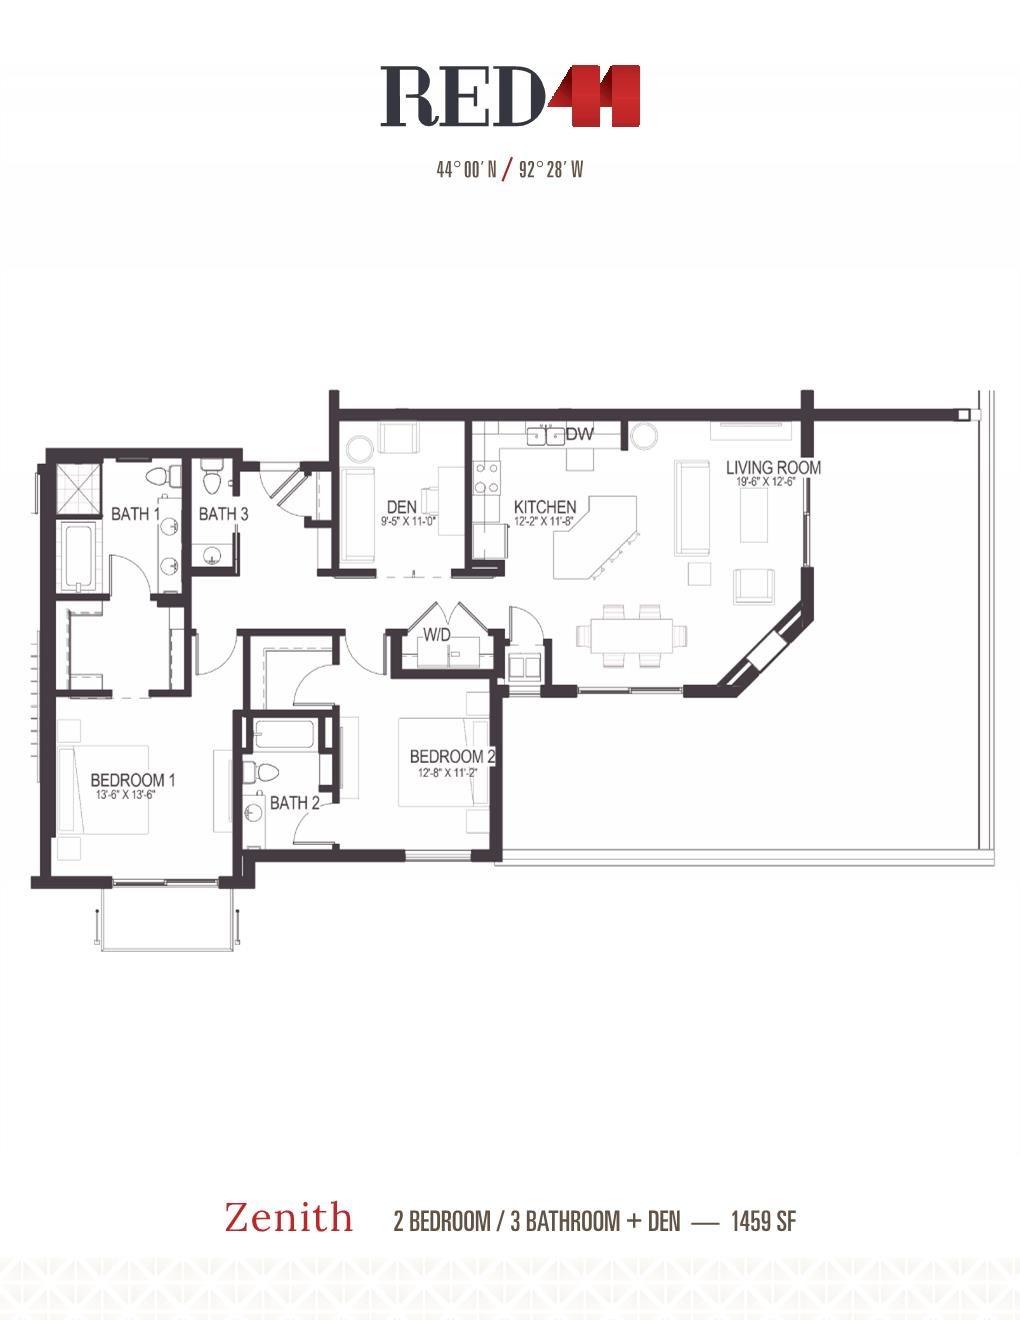 Zenith Floor Plan 15